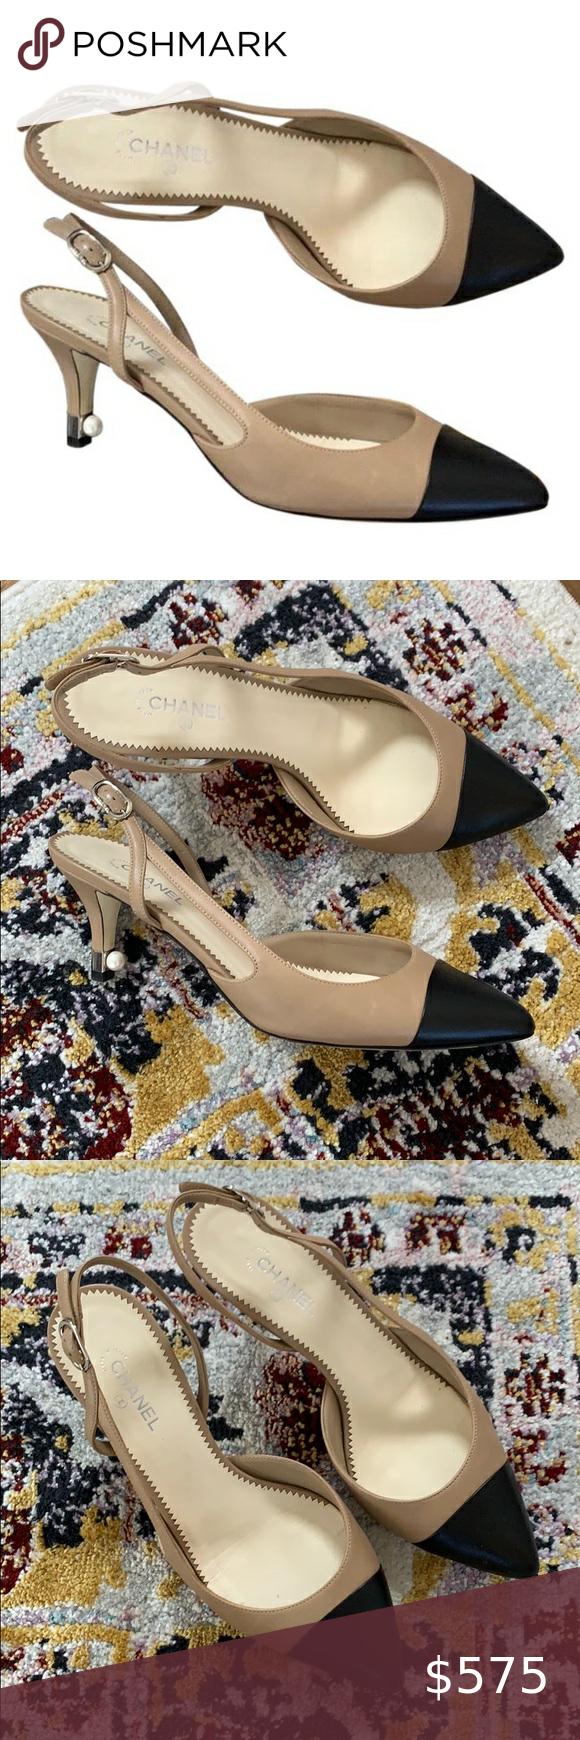 Chanel Pearl Kitten Heel Sling Slingbacks Sz 7 In 2020 Kitten Heels Chanel Shoes Heels Heels